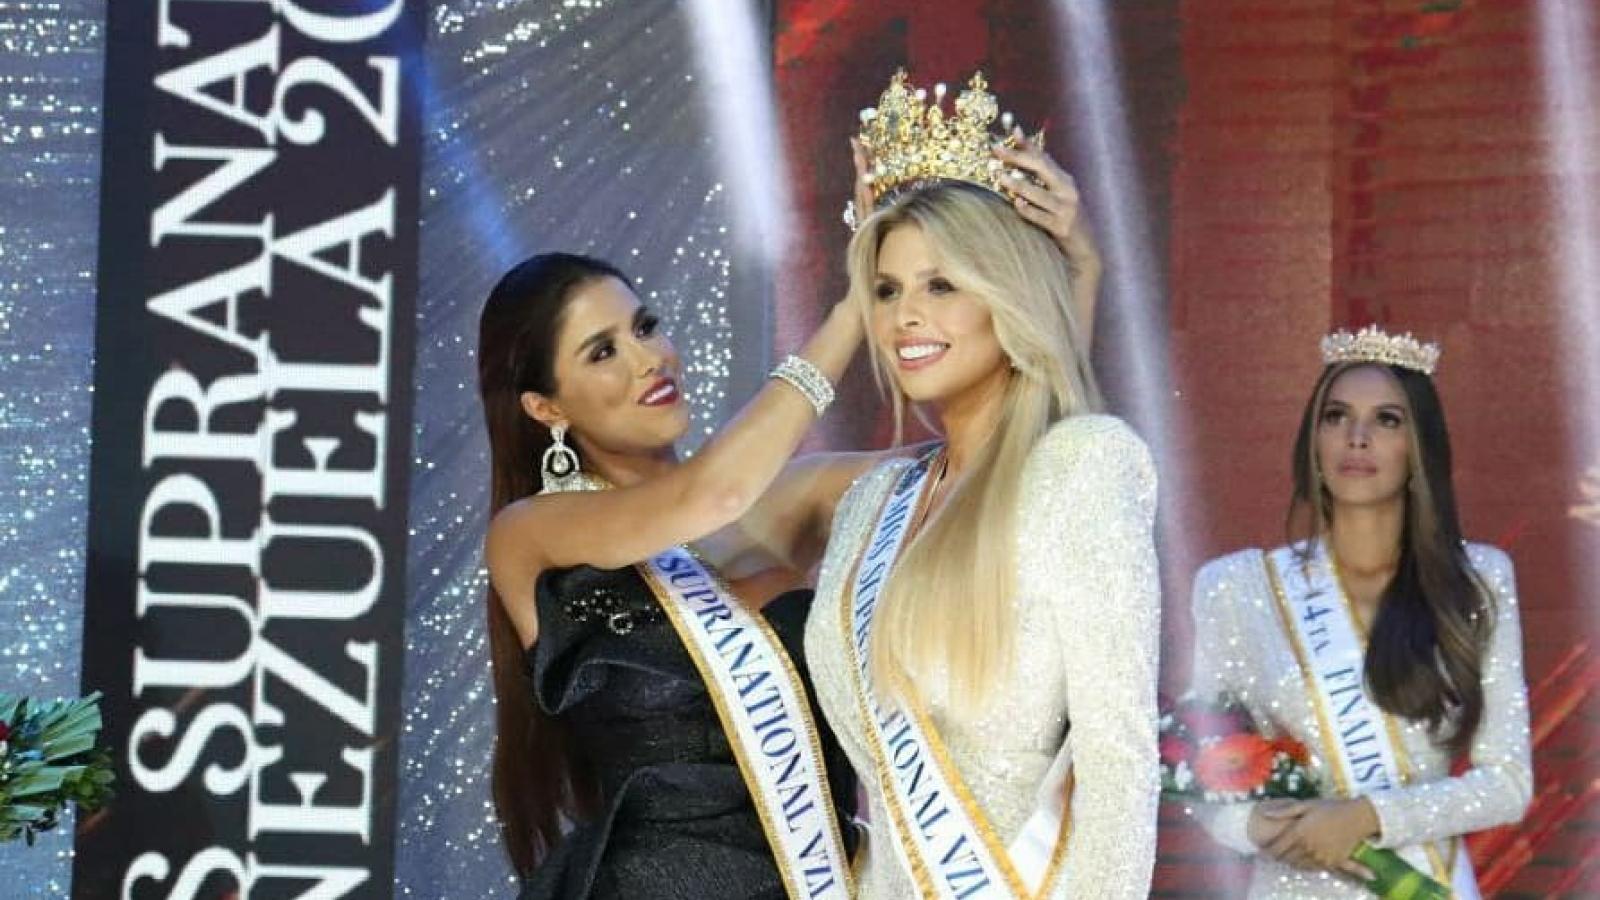 Cận cảnh nhan sắc gợi cảm của tân Hoa hậu Siêu quốc gia Venezuela